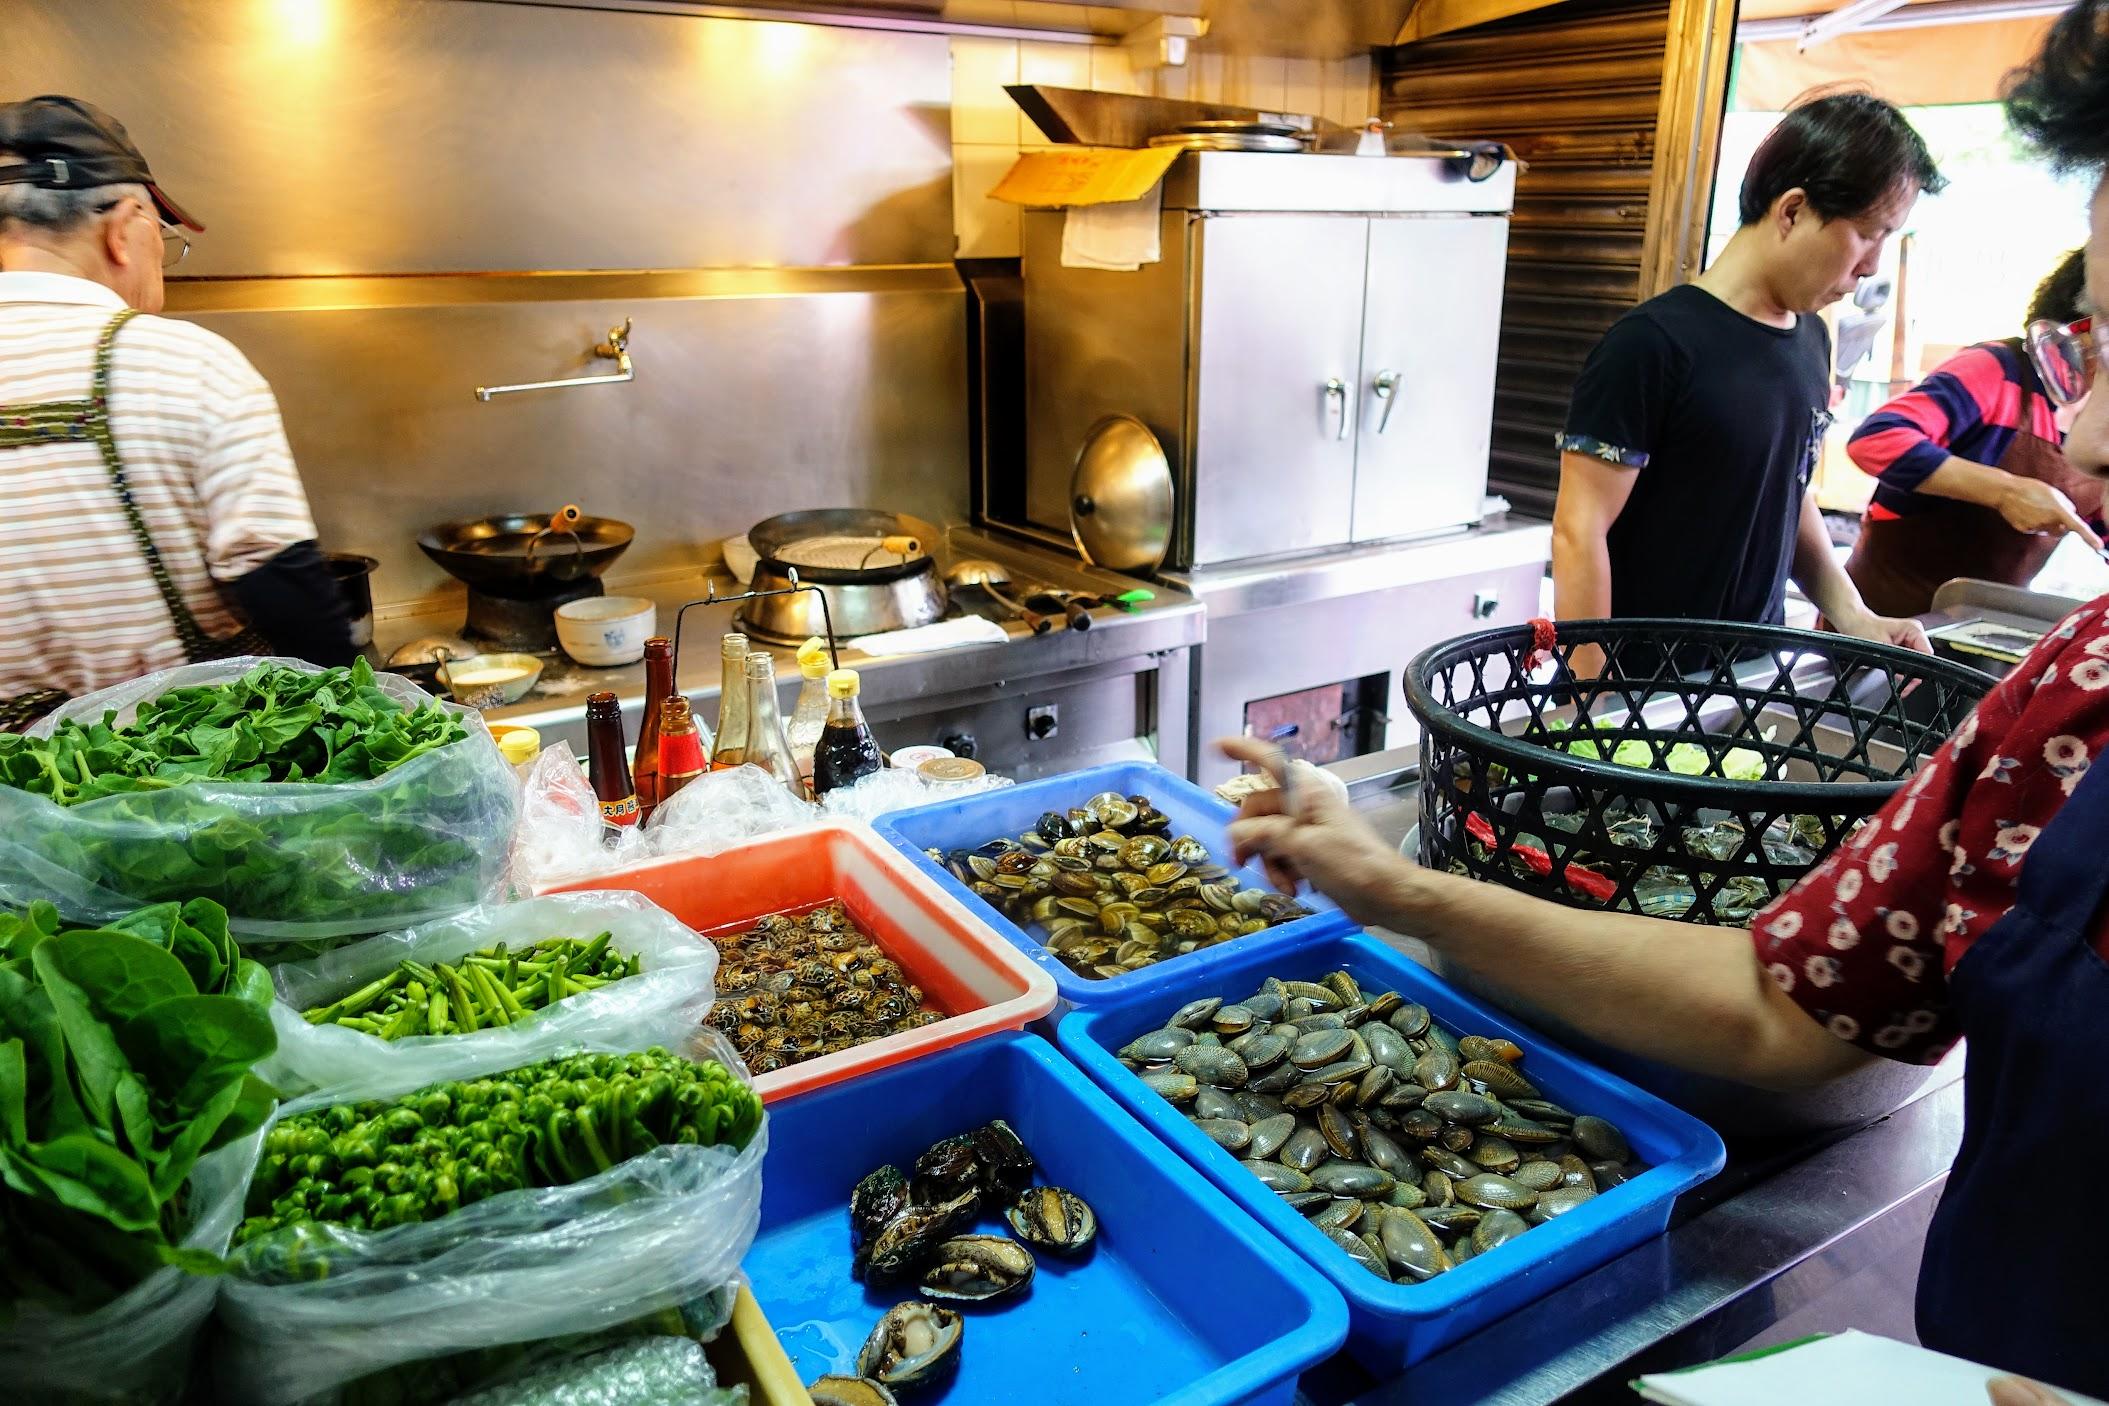 在廚房這邊點菜喔! 海產部分看店家有進哪些來做選擇...